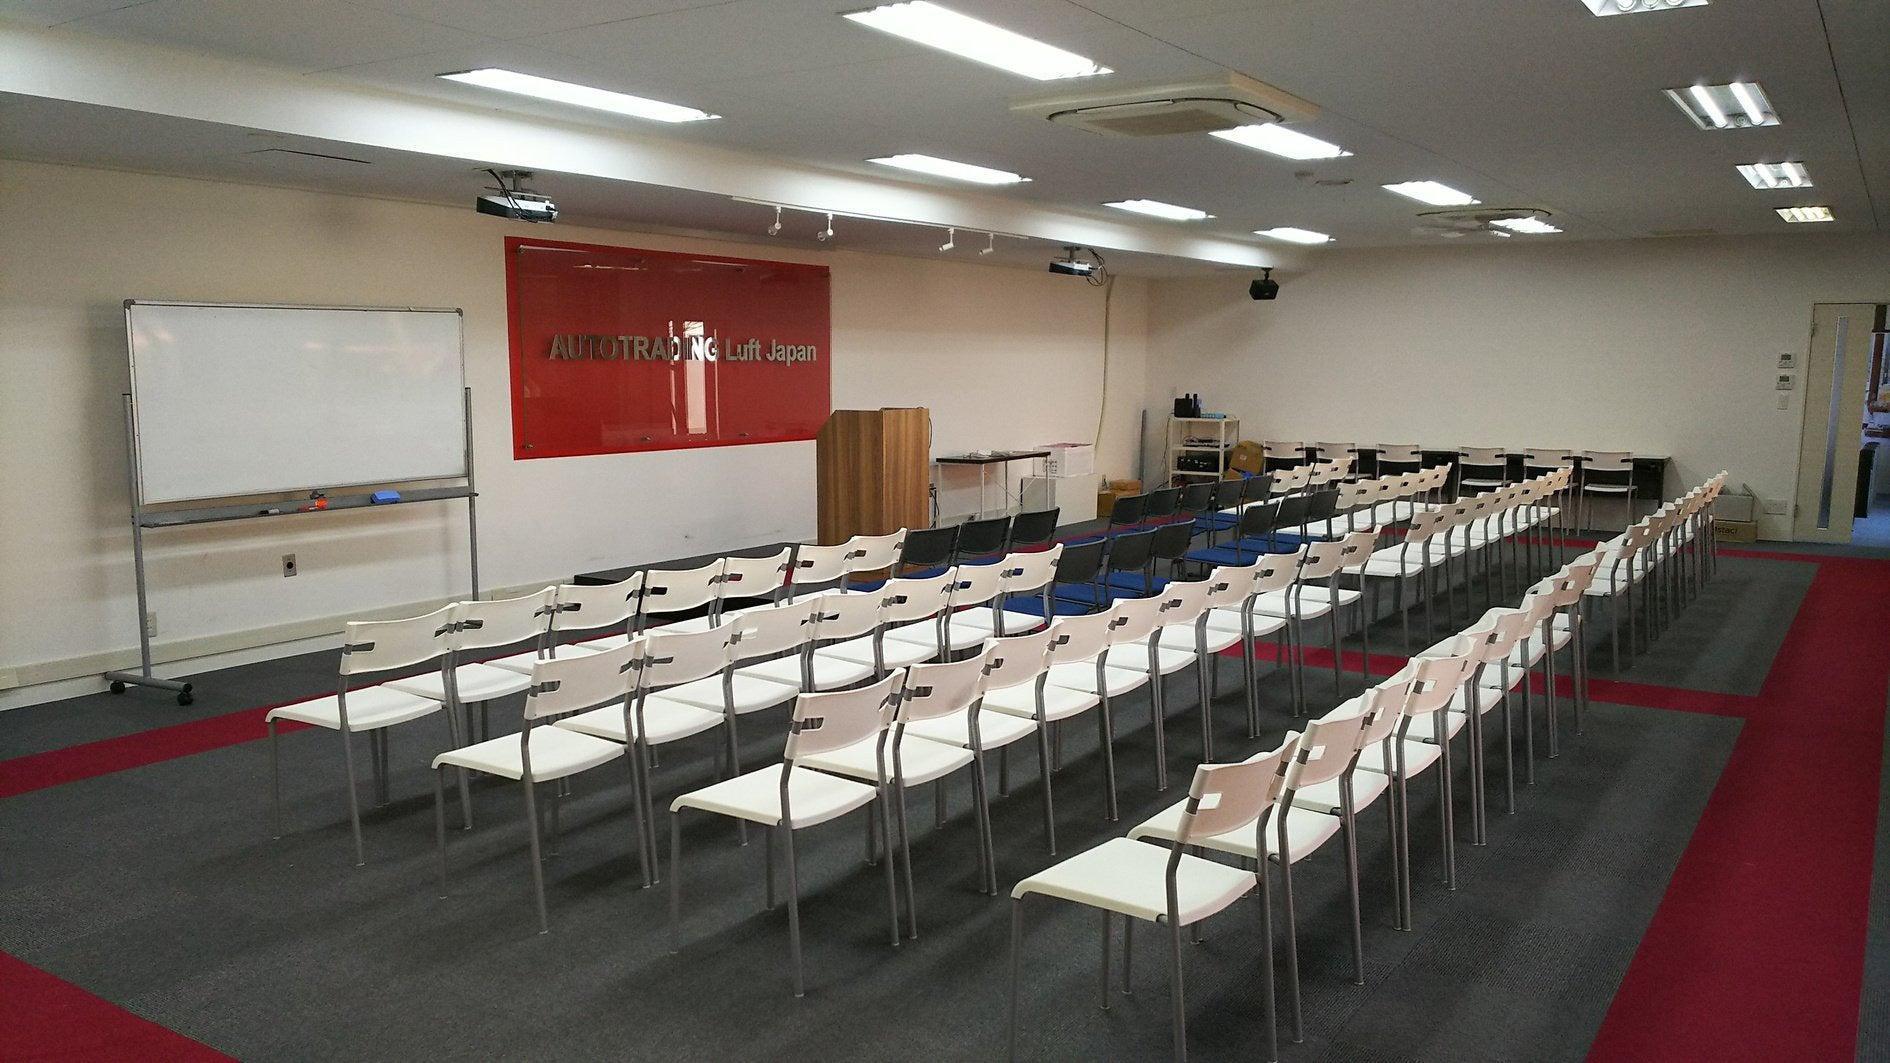 シアター方式のセミナールームです。夜遅くなるご利用もOK !!(東カン名古屋キャステール2階 大会議室) の写真0